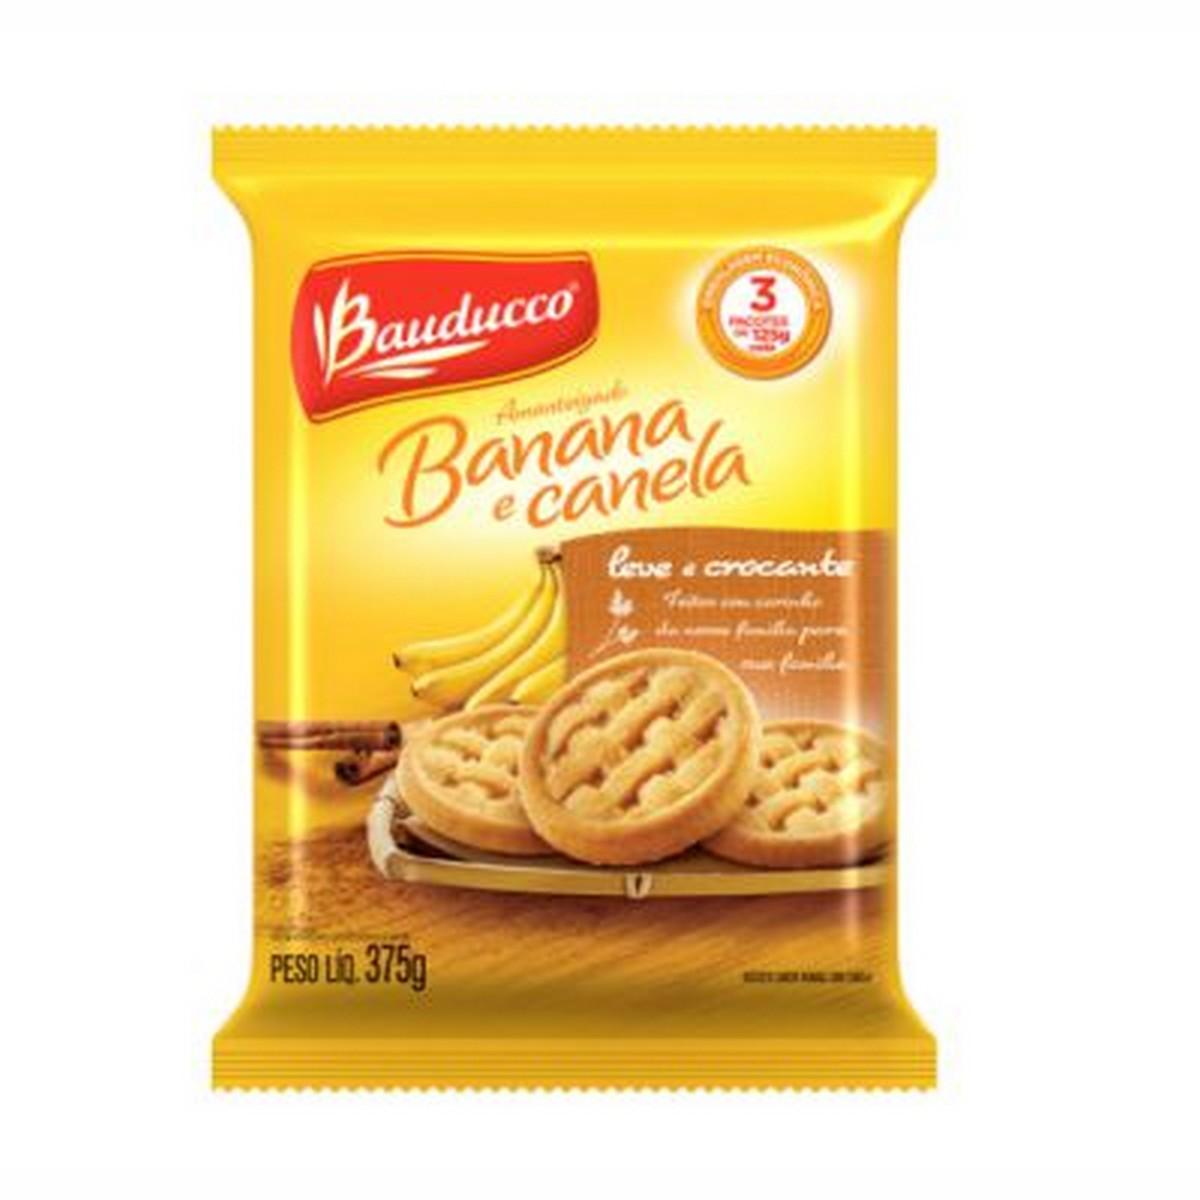 Fornecedores de biscoitos em sao paulo